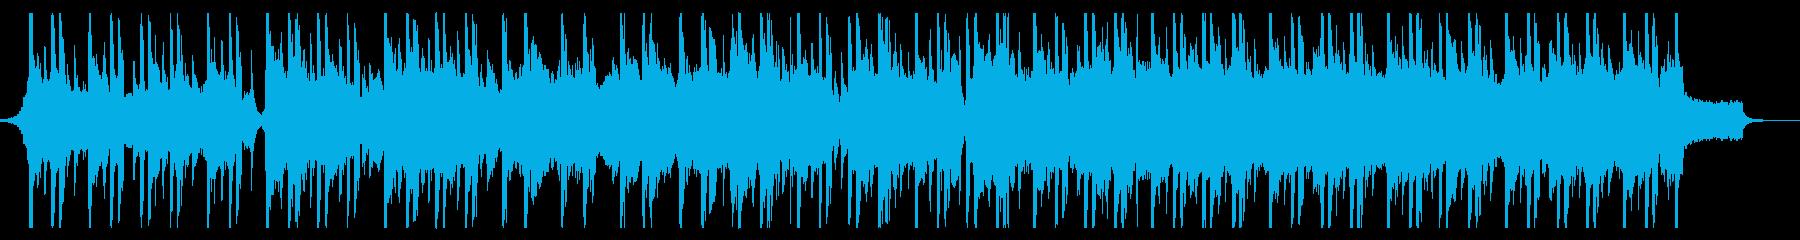 ダークでゆったりとしたヒップホップの再生済みの波形